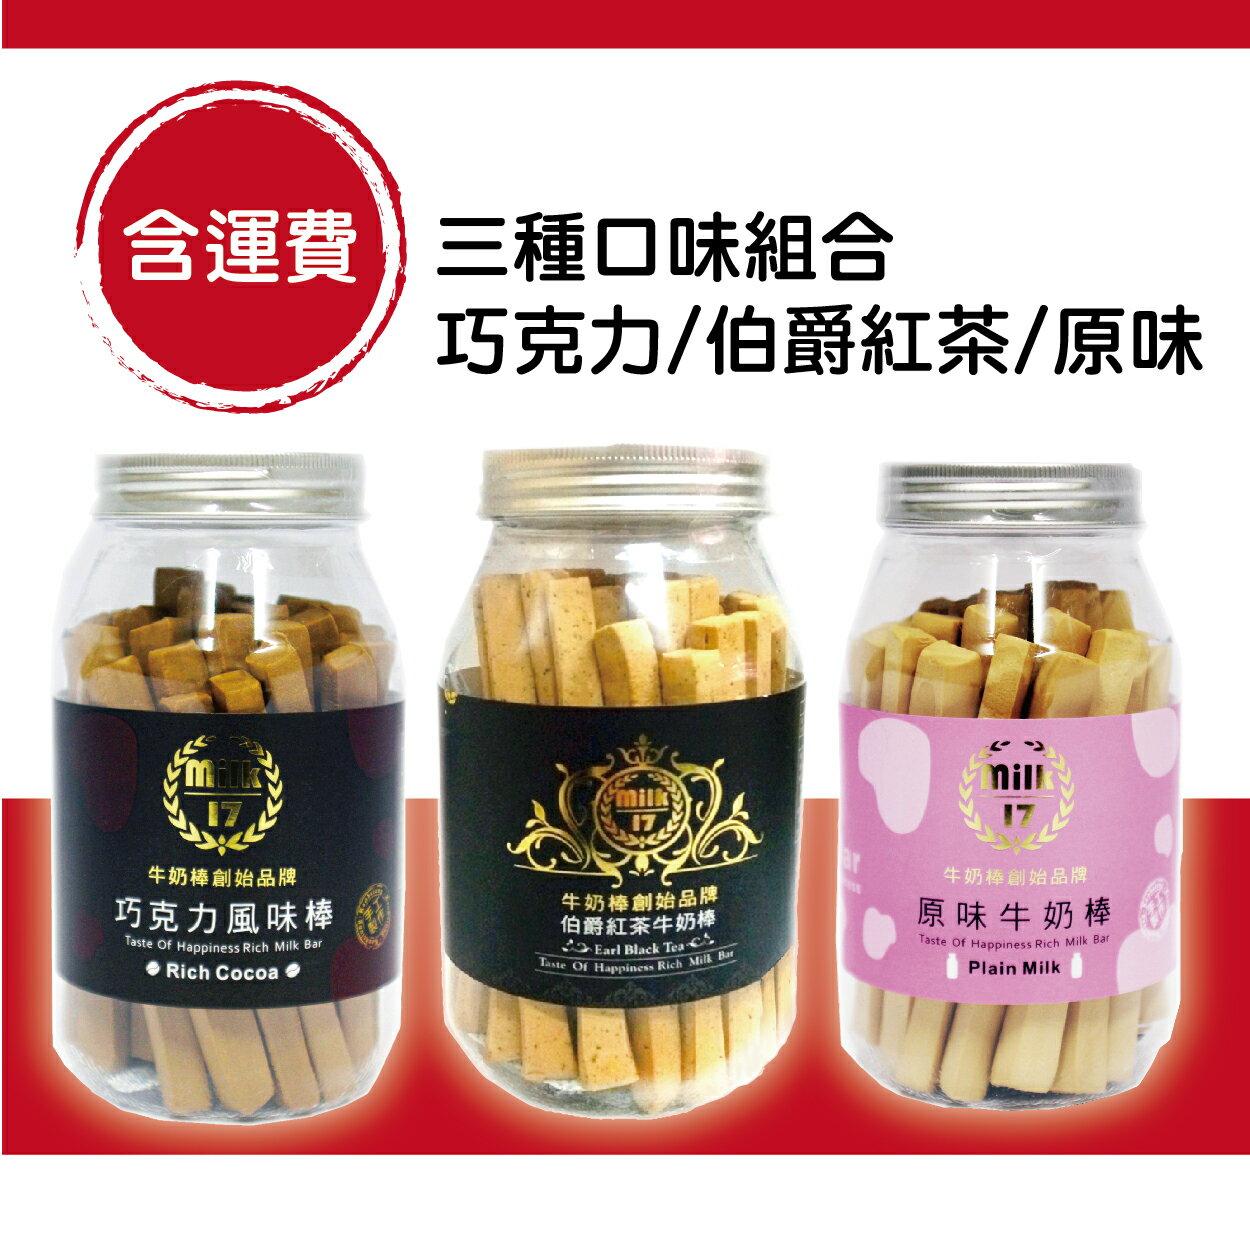 [組合特賣]★milk17純新牛奶棒-原味/巧克力風味/伯爵紅茶各一罐★特賣399(含運費)